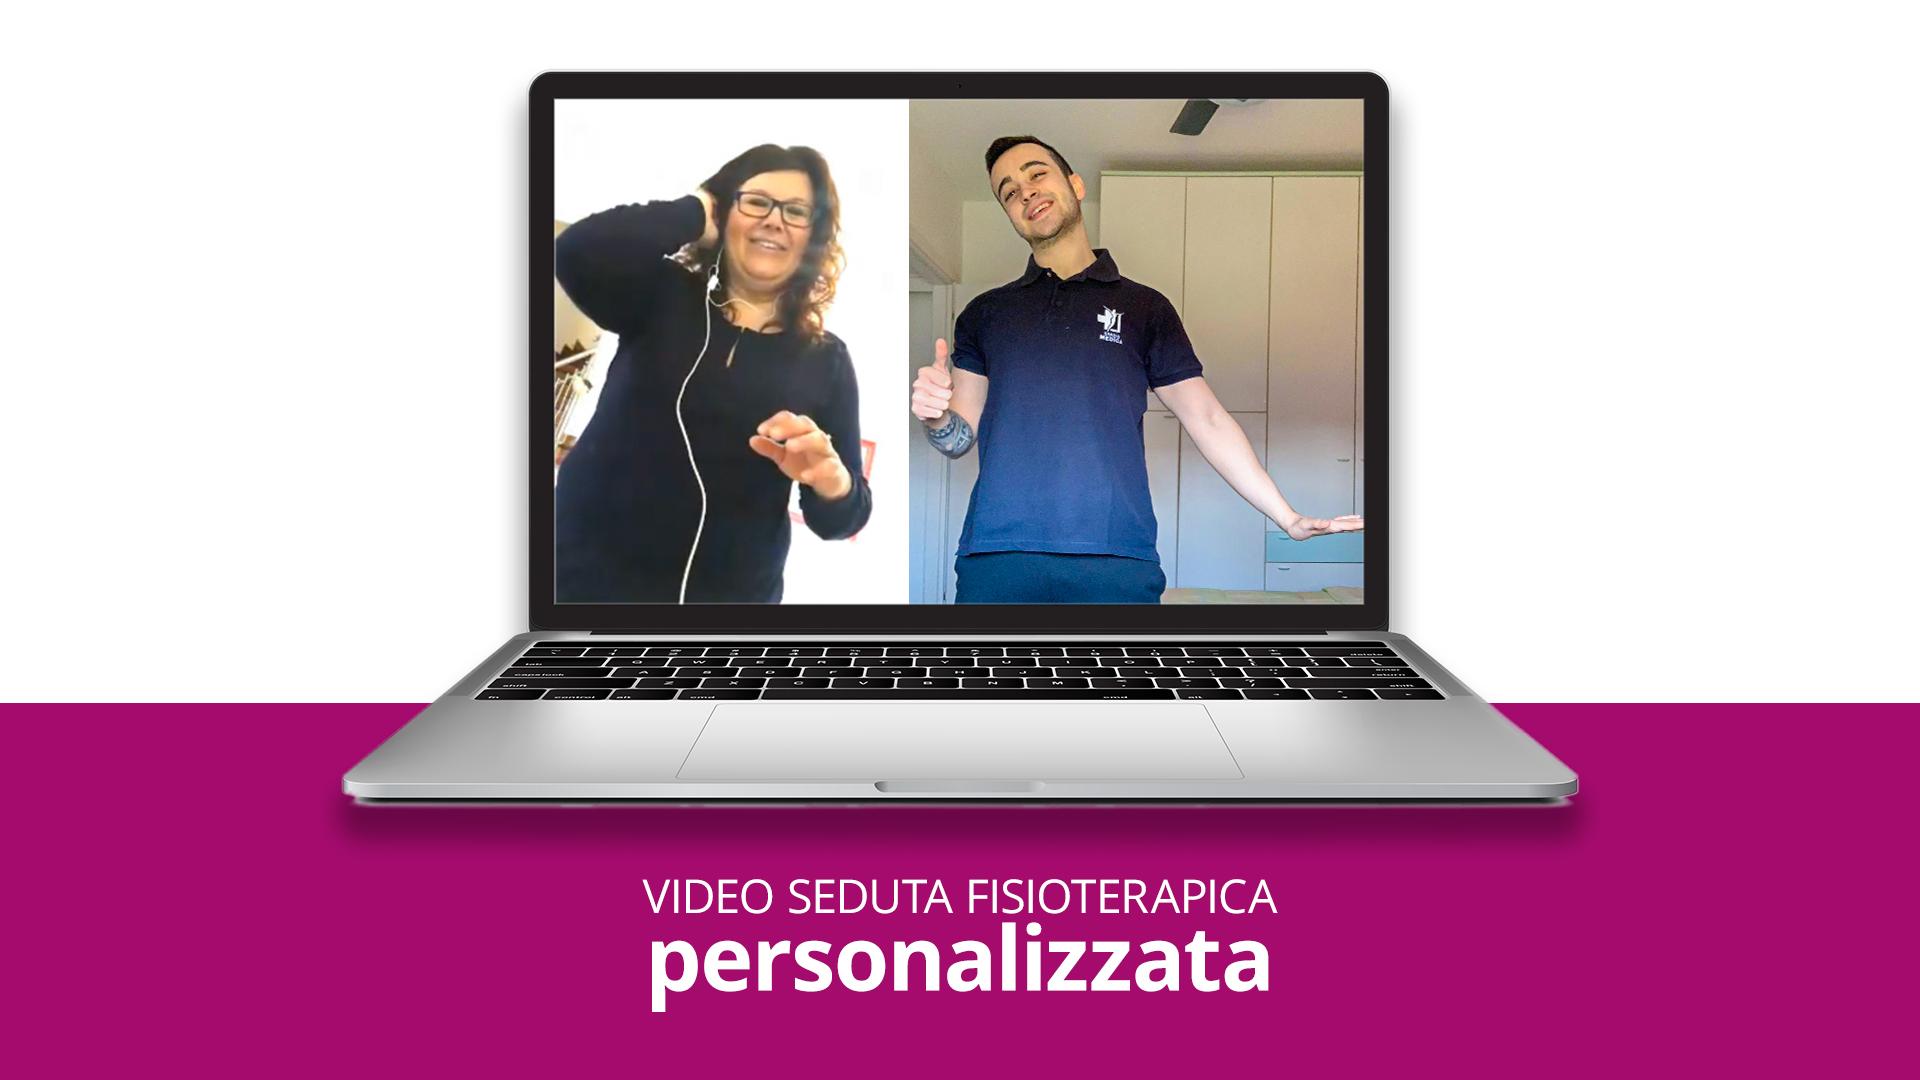 video seduta fisioterapica